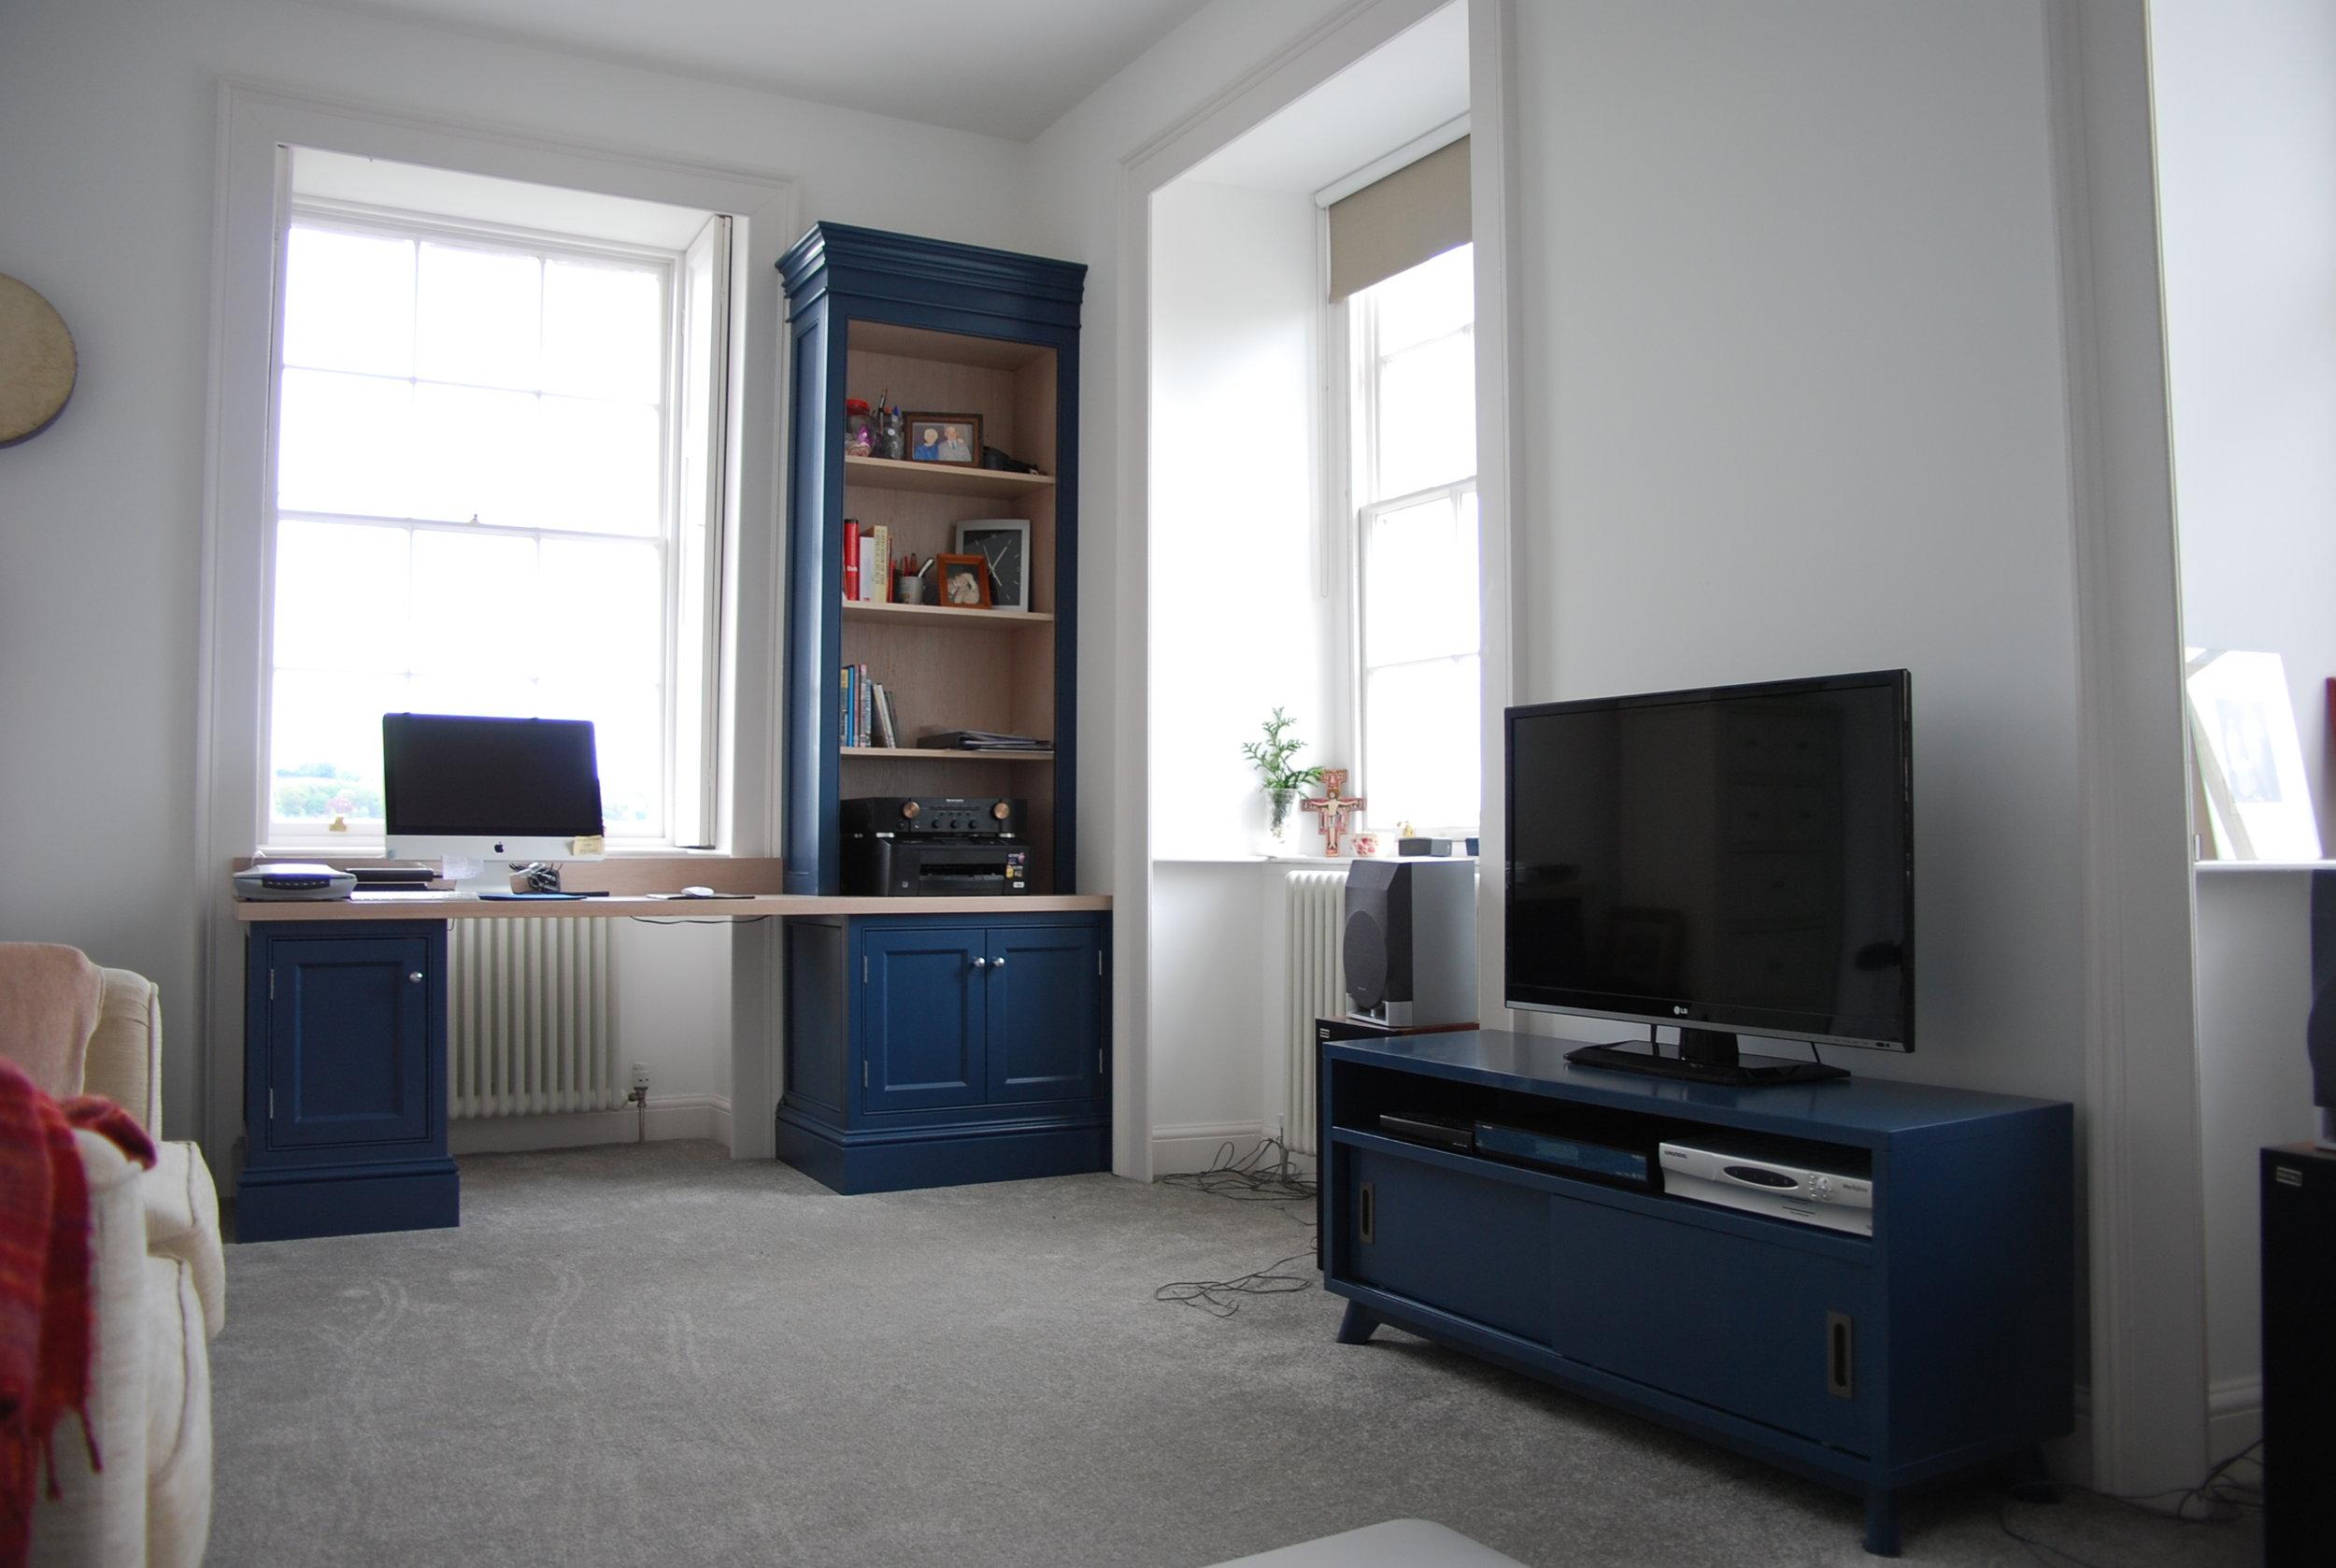 DSC_0951 desk area.jpg